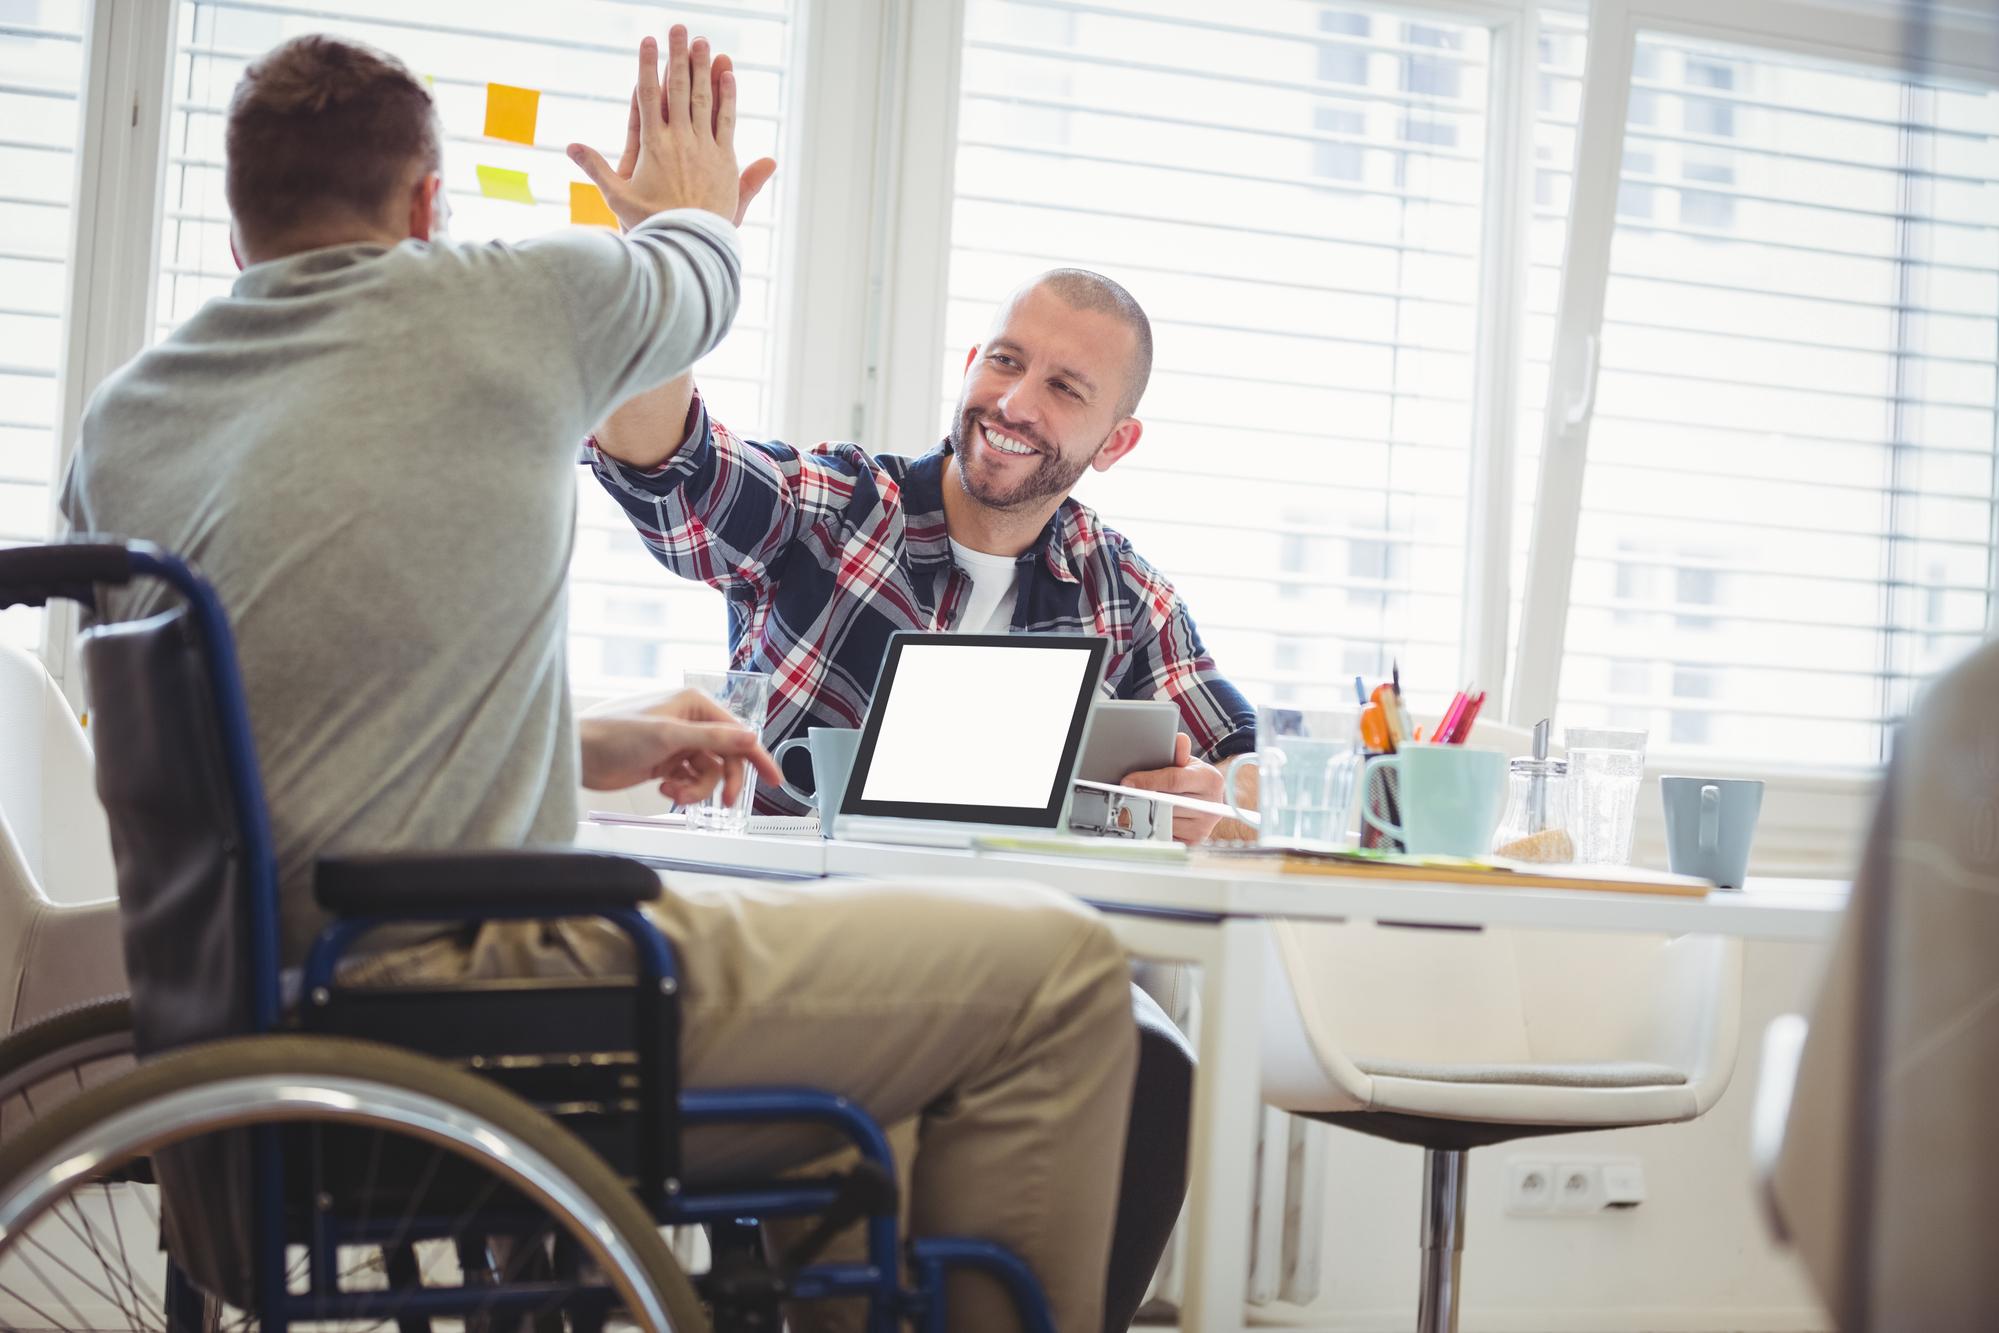 работа для инвалидов на дому вакансии удаленной работы